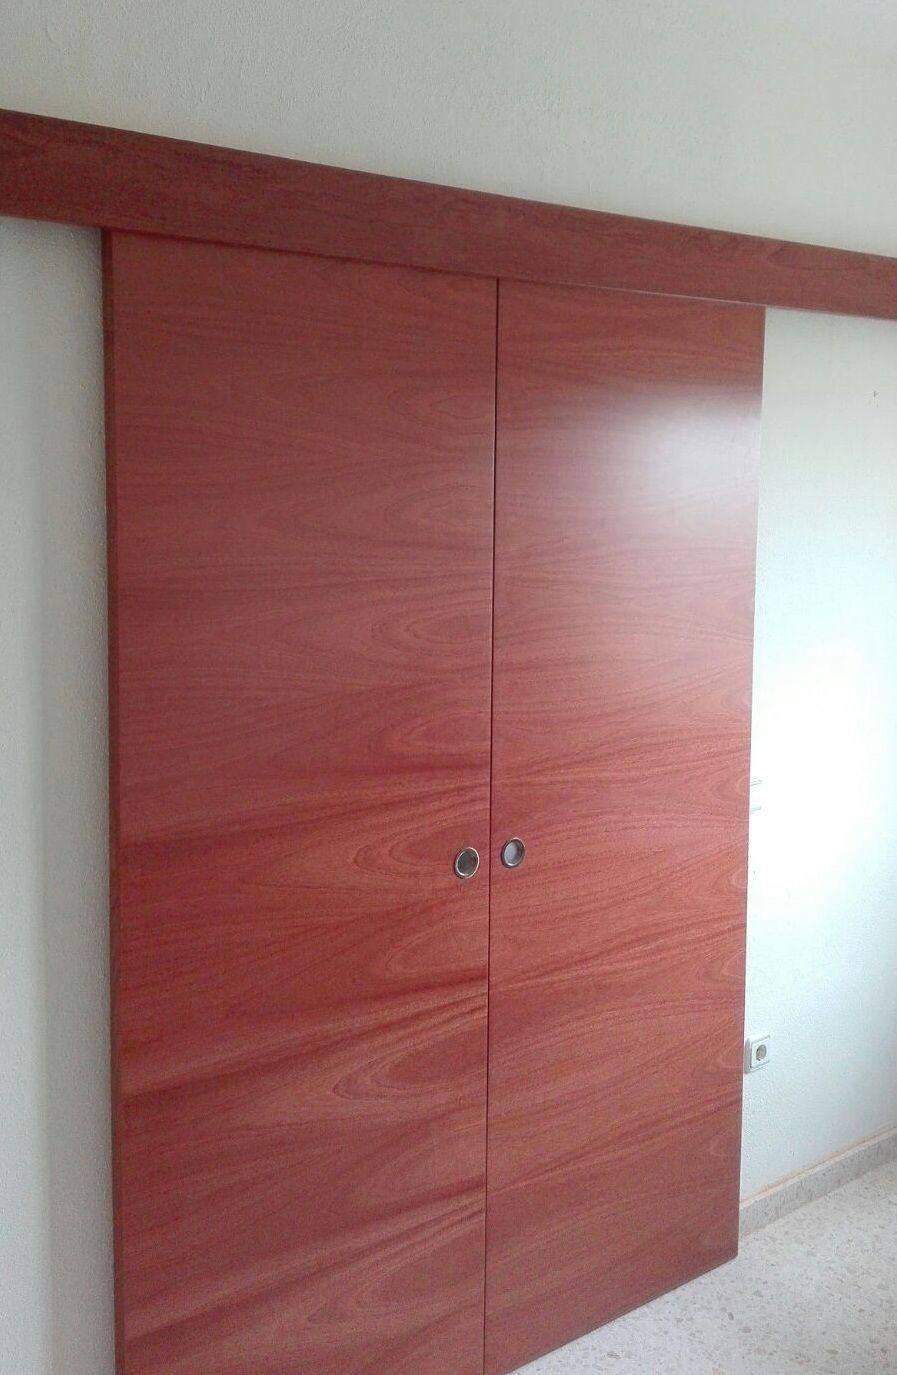 Puerta corredera doble l62 sapelly rameado sin marcos ni - Marco puerta corredera ...